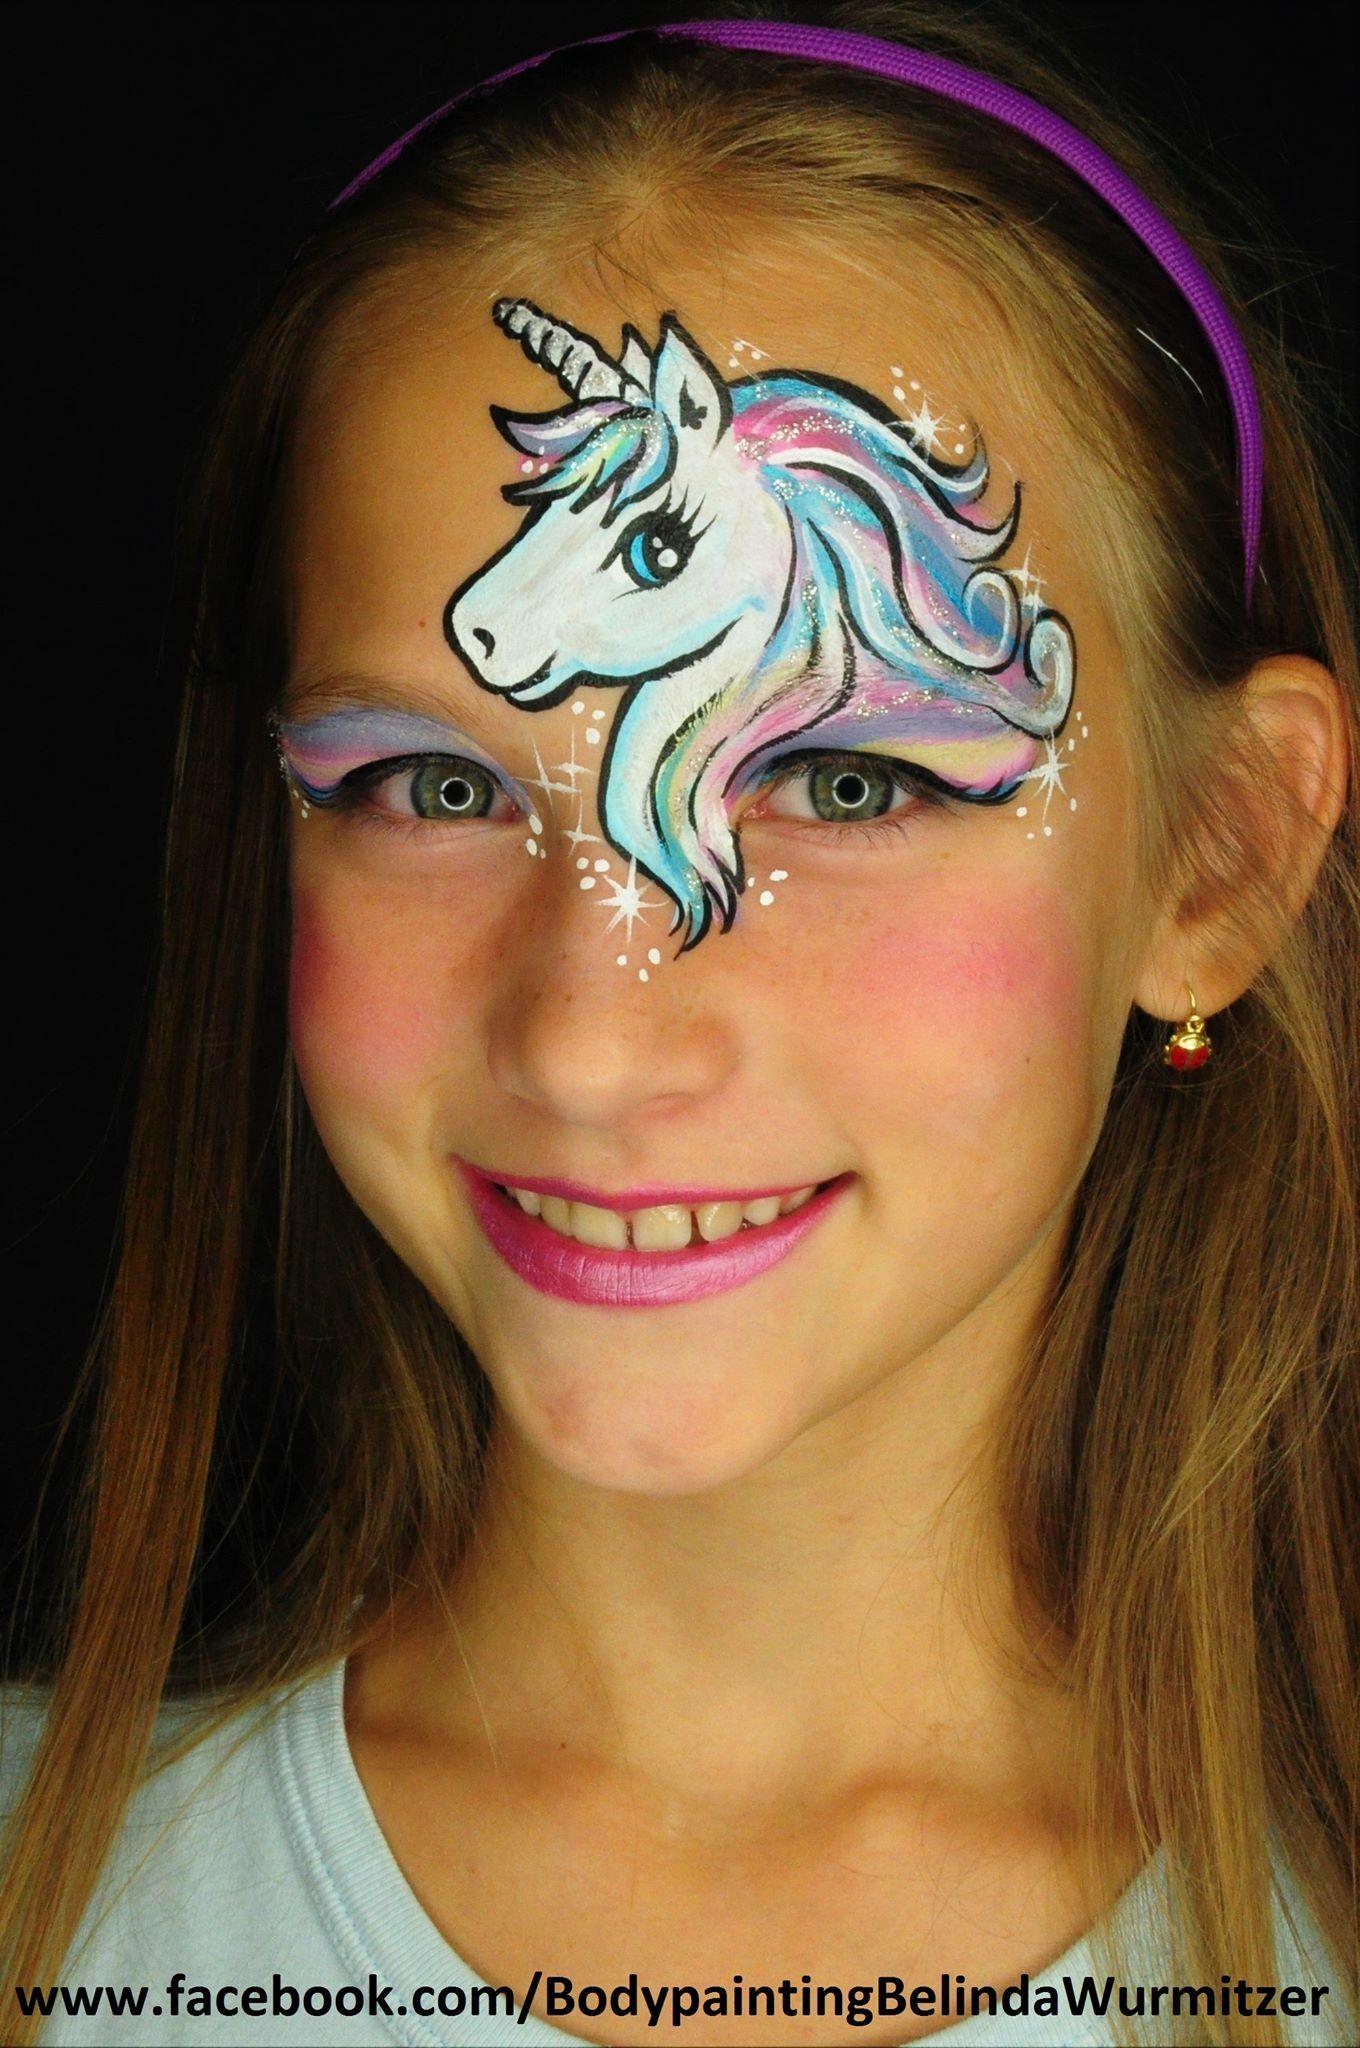 maquillaje caballo infantil maquillaje pinterest kinderschminken kinder schminken und. Black Bedroom Furniture Sets. Home Design Ideas